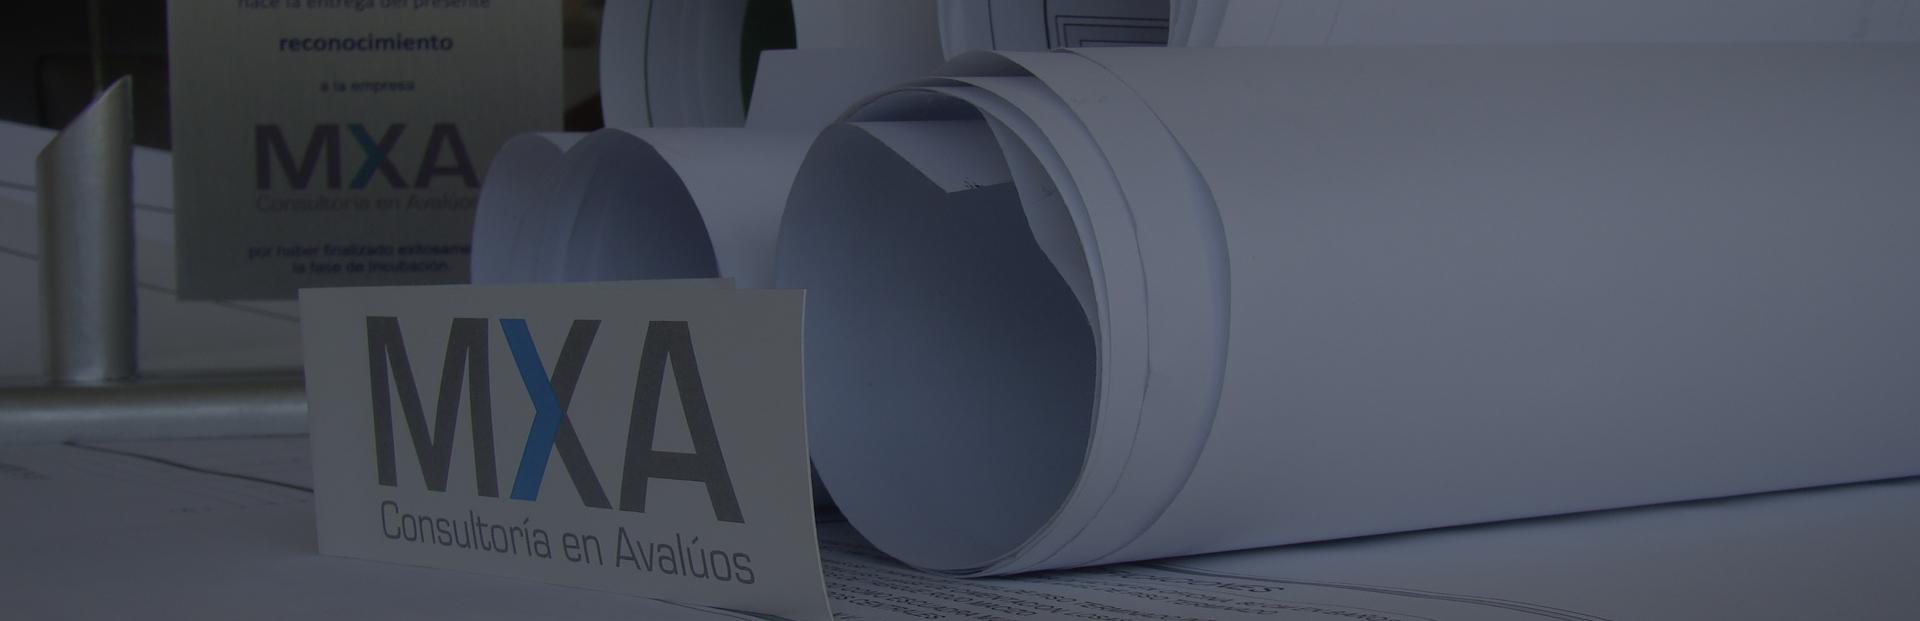 Slider2 MXA Consultoría